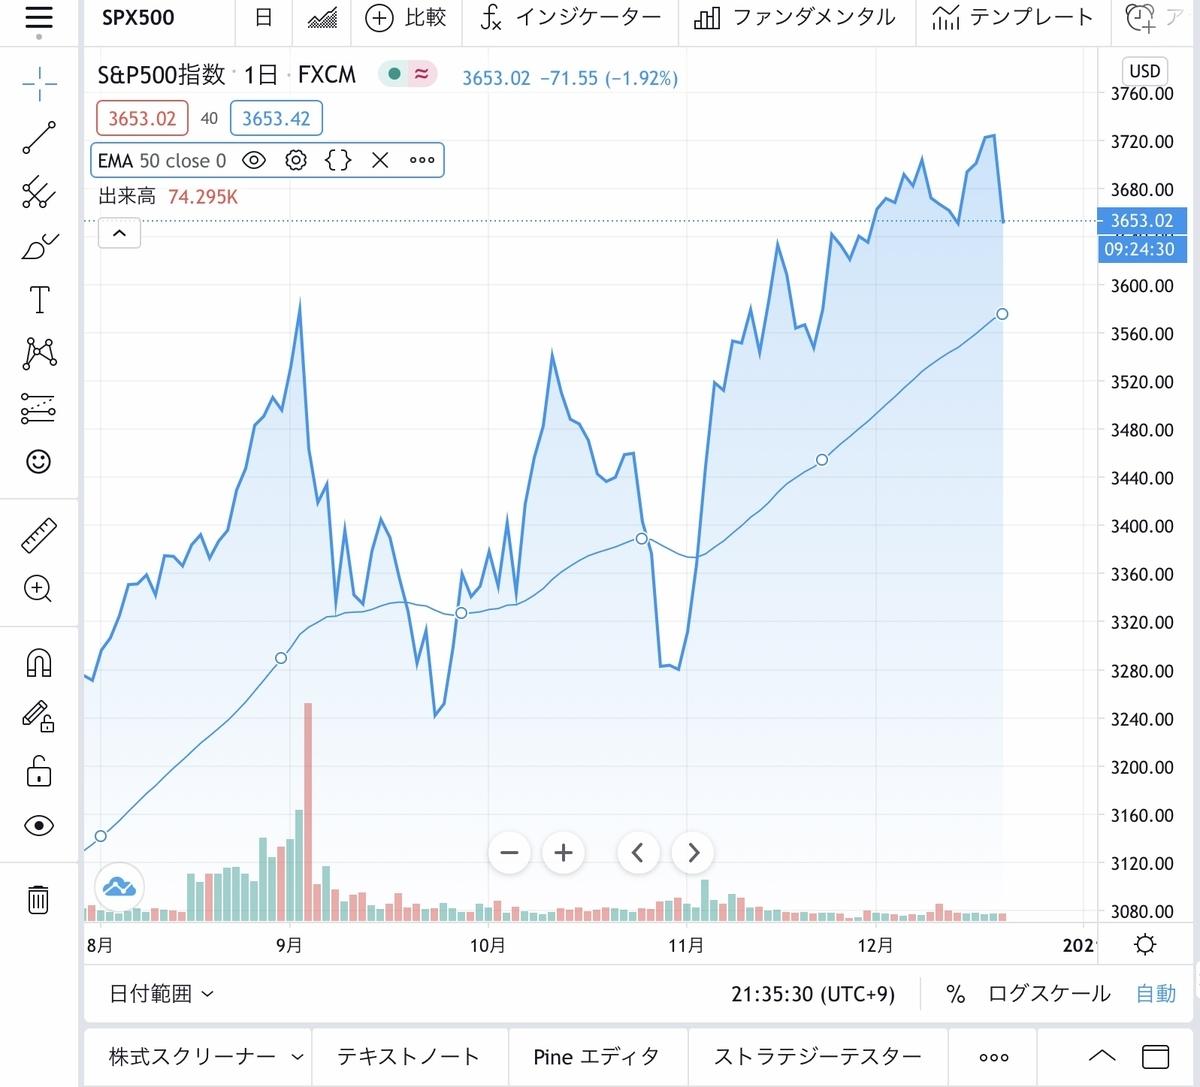 f:id:US-Stocks:20201221213600j:plain